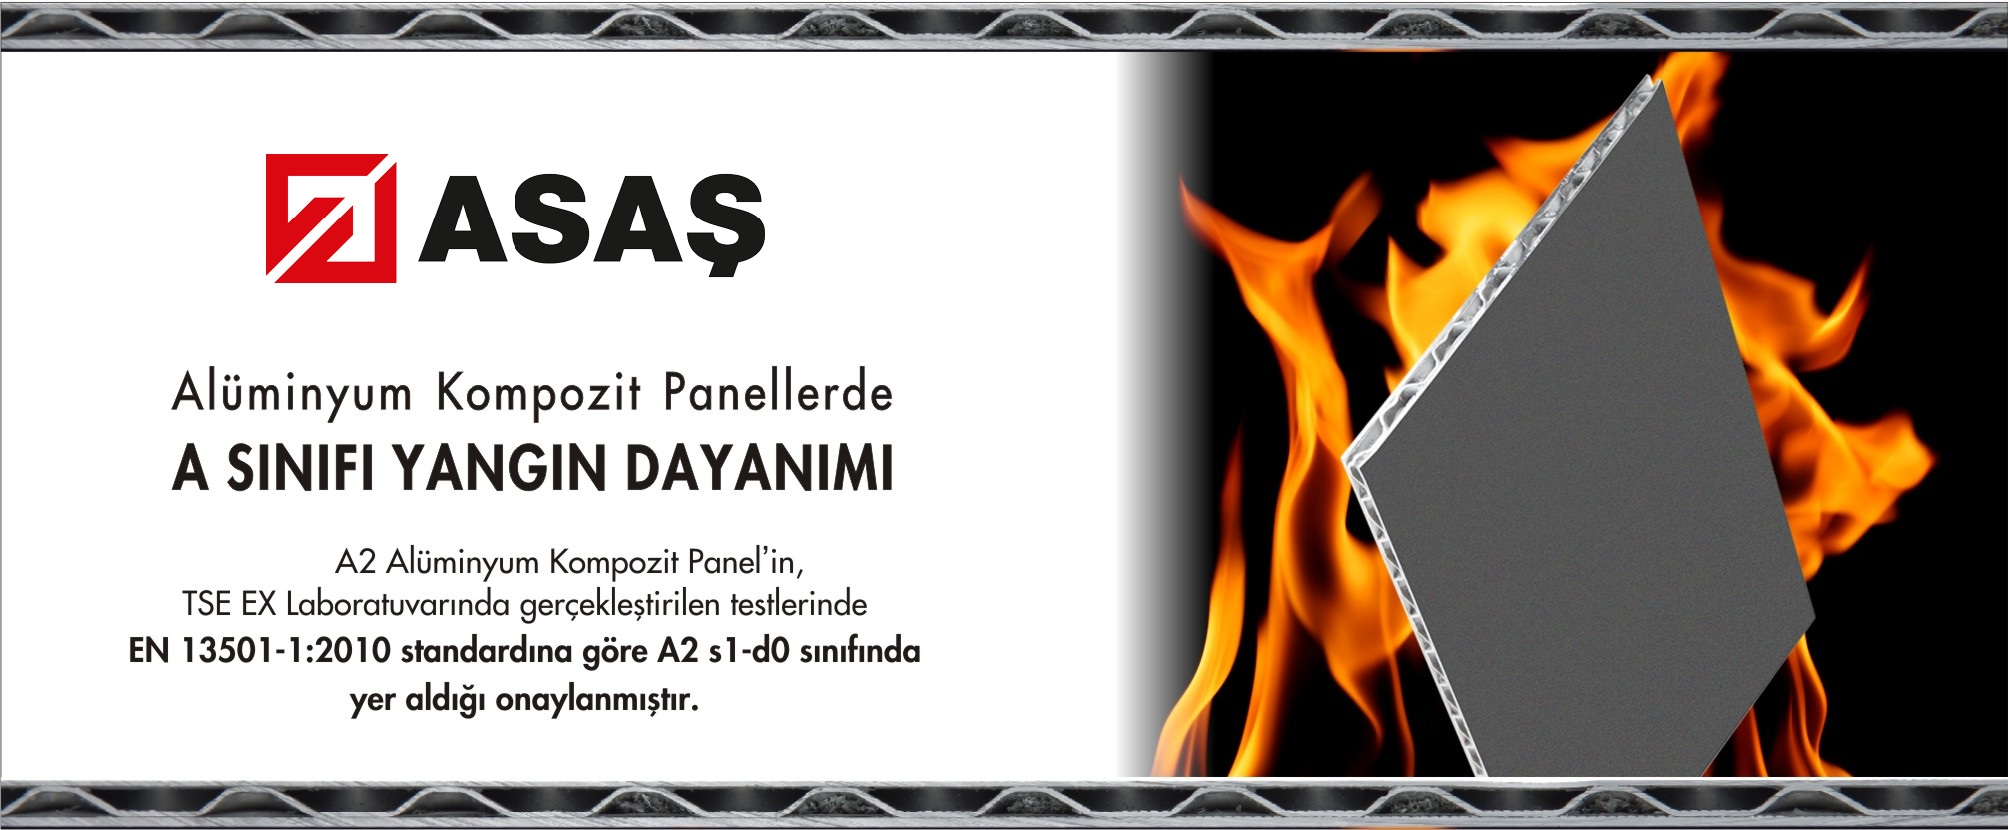 asas_a2